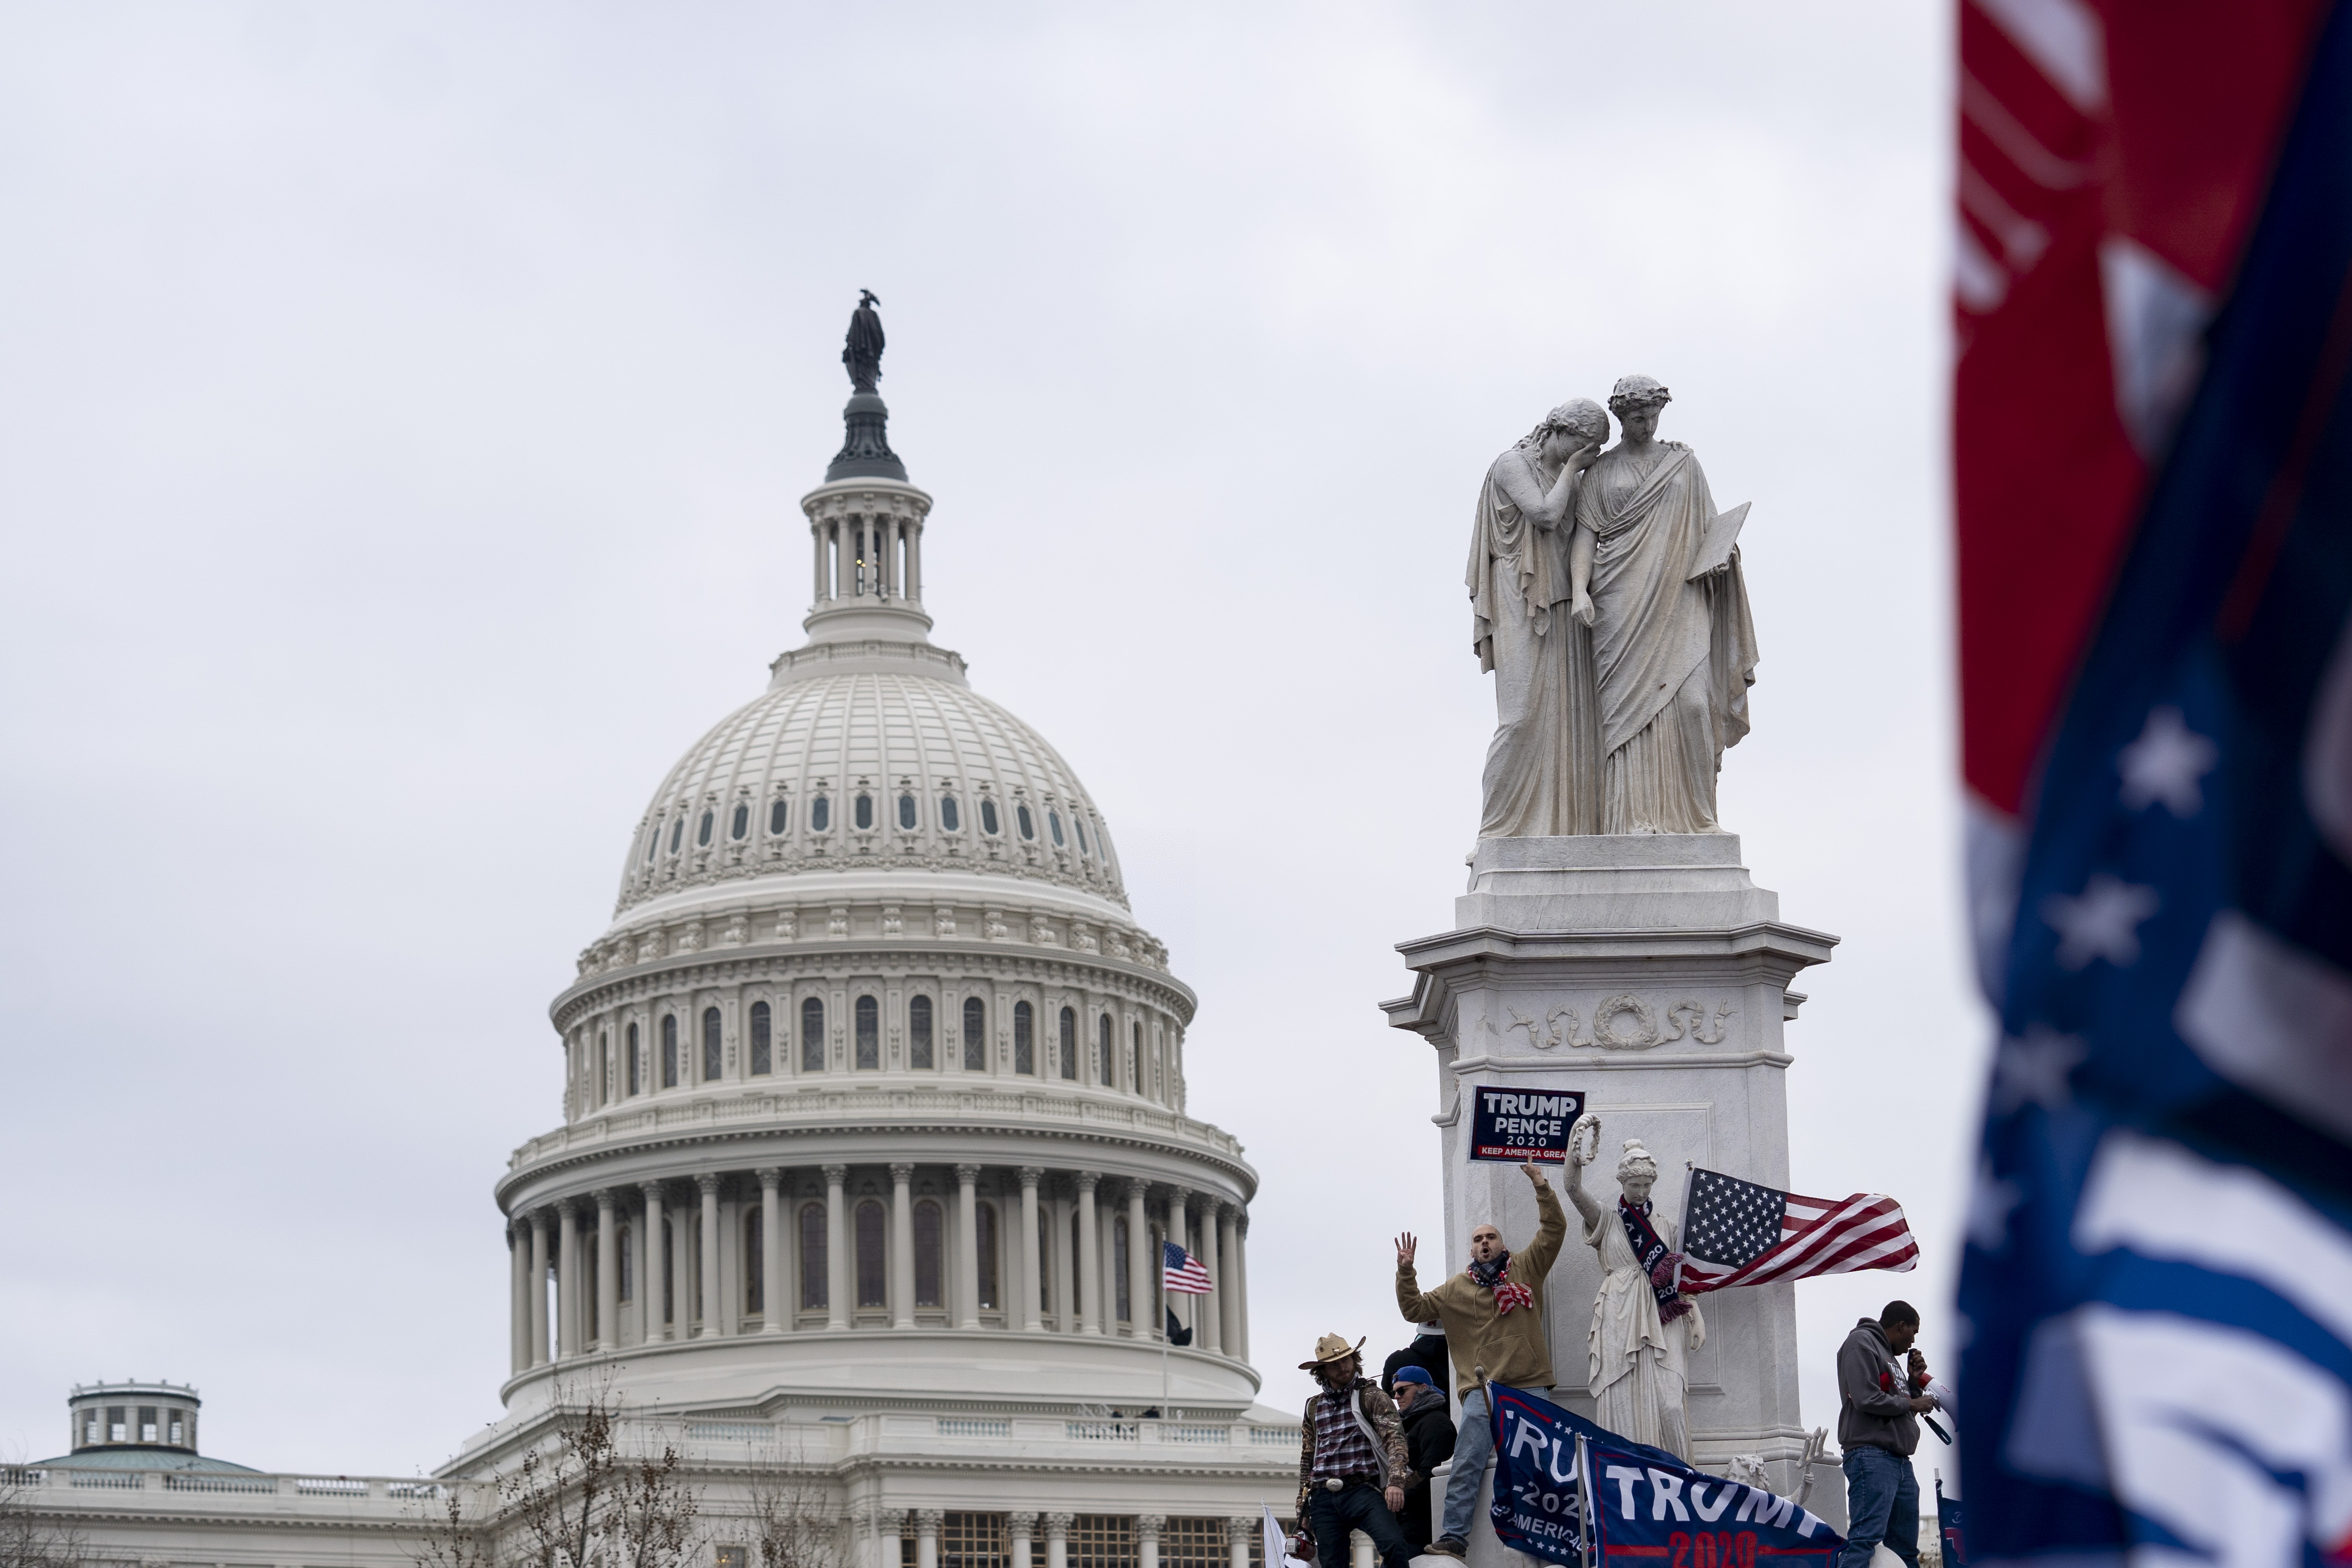 世界大报社论聚焦美国会山骚乱